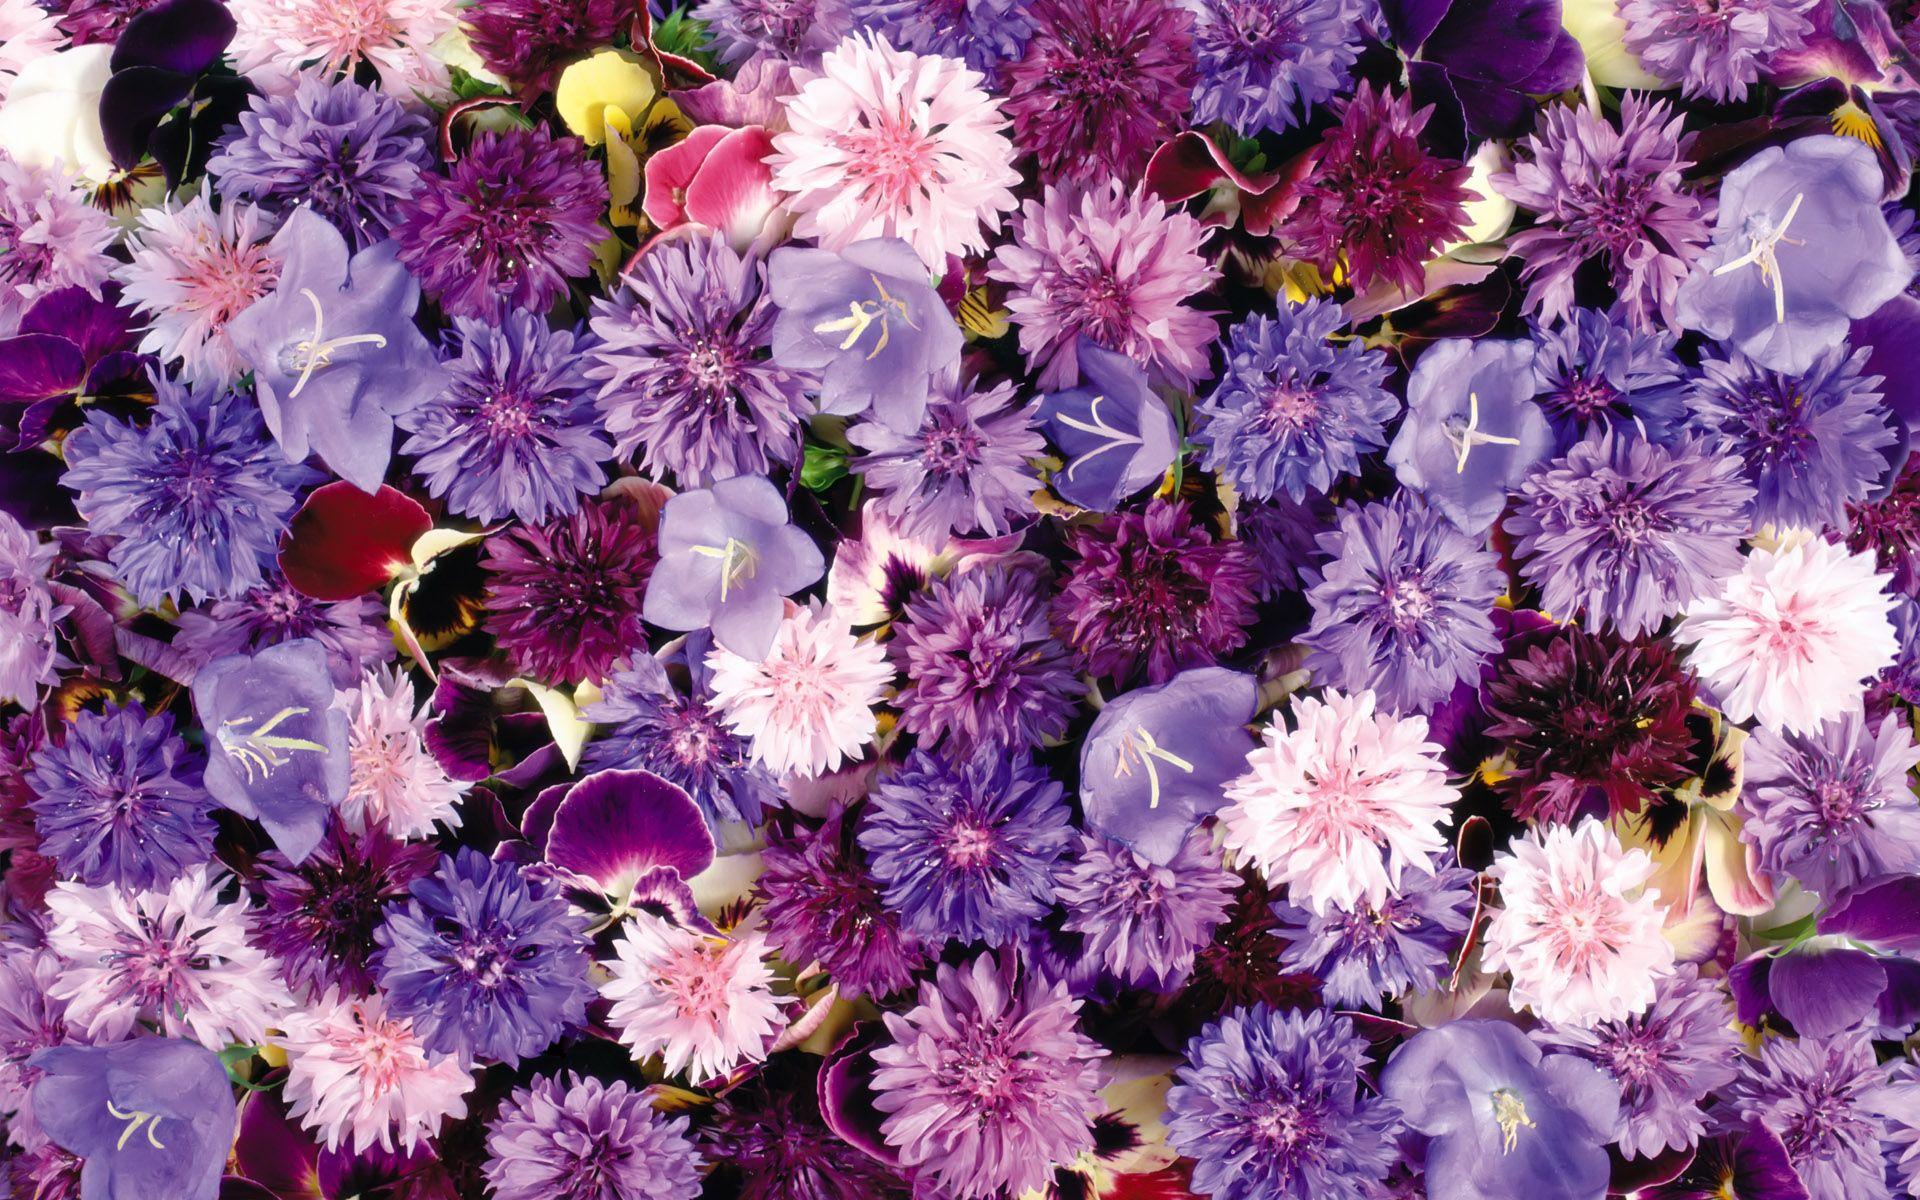 pics of flowers